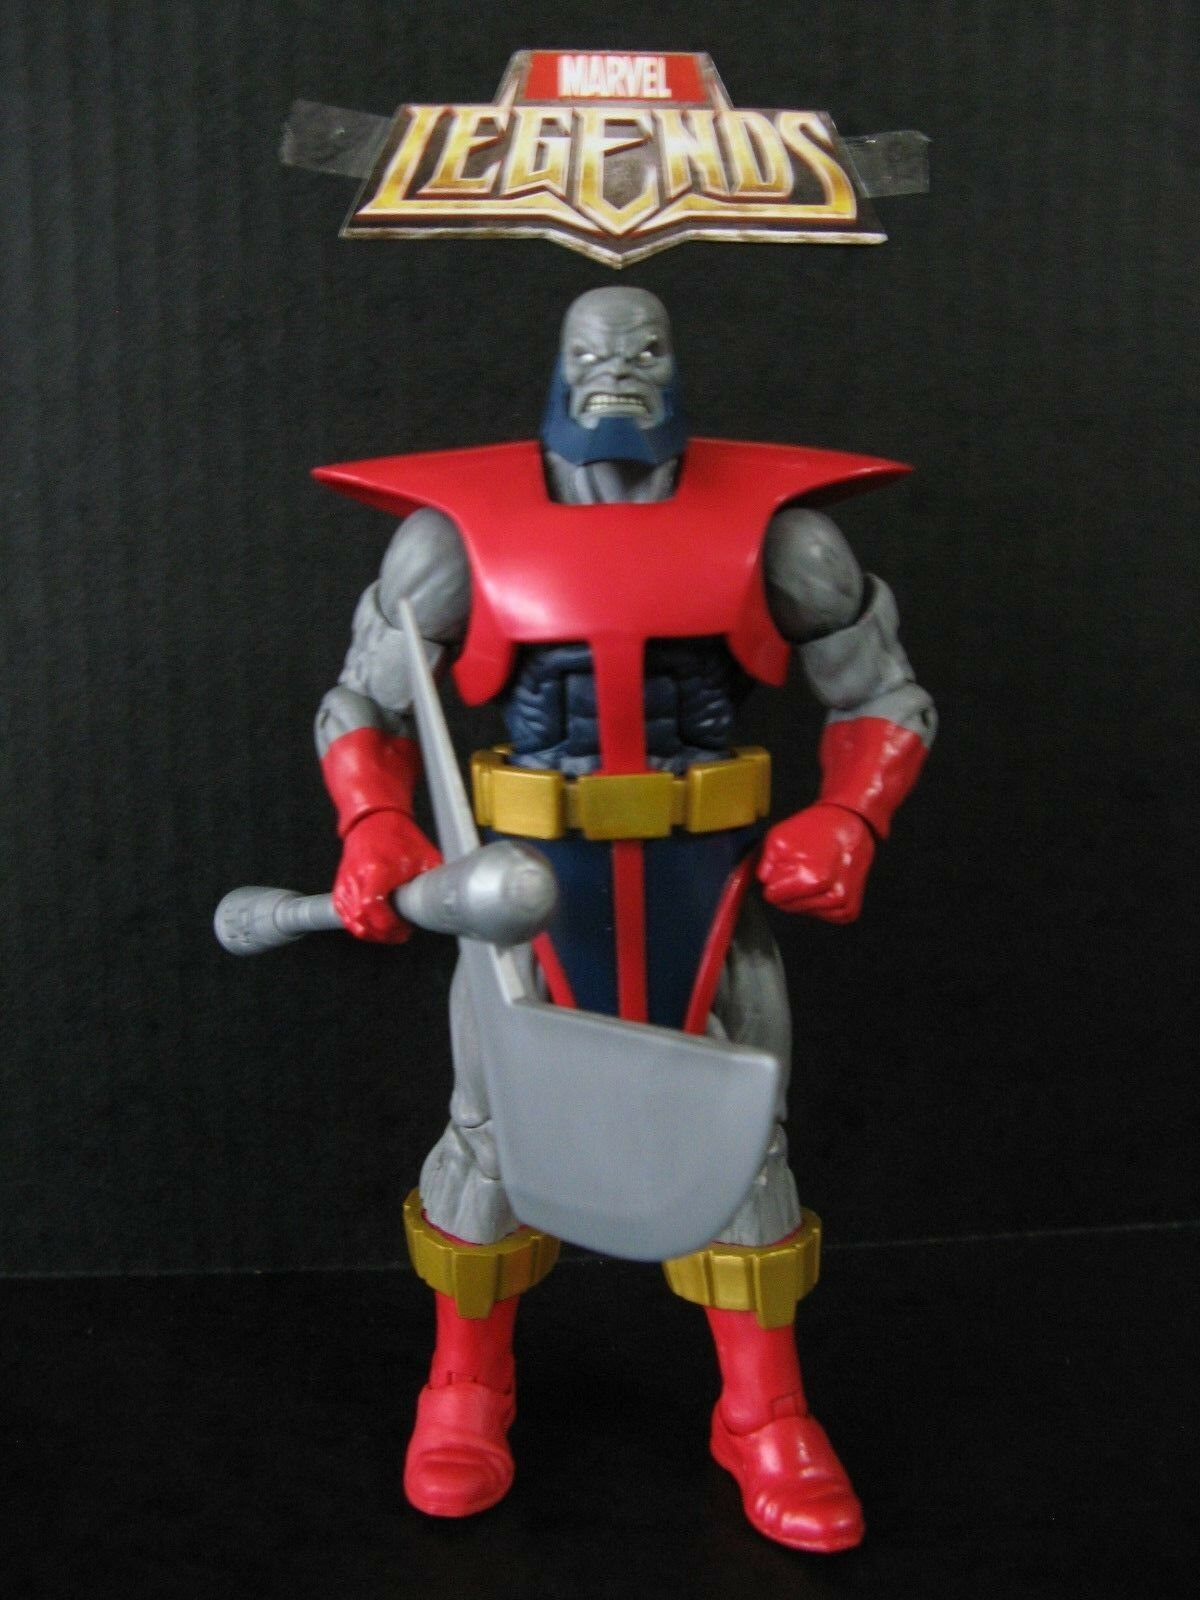 Marvel Legends Series Terrax the Tamer - Complete BAF Figure - Fantastic 4 - HTF